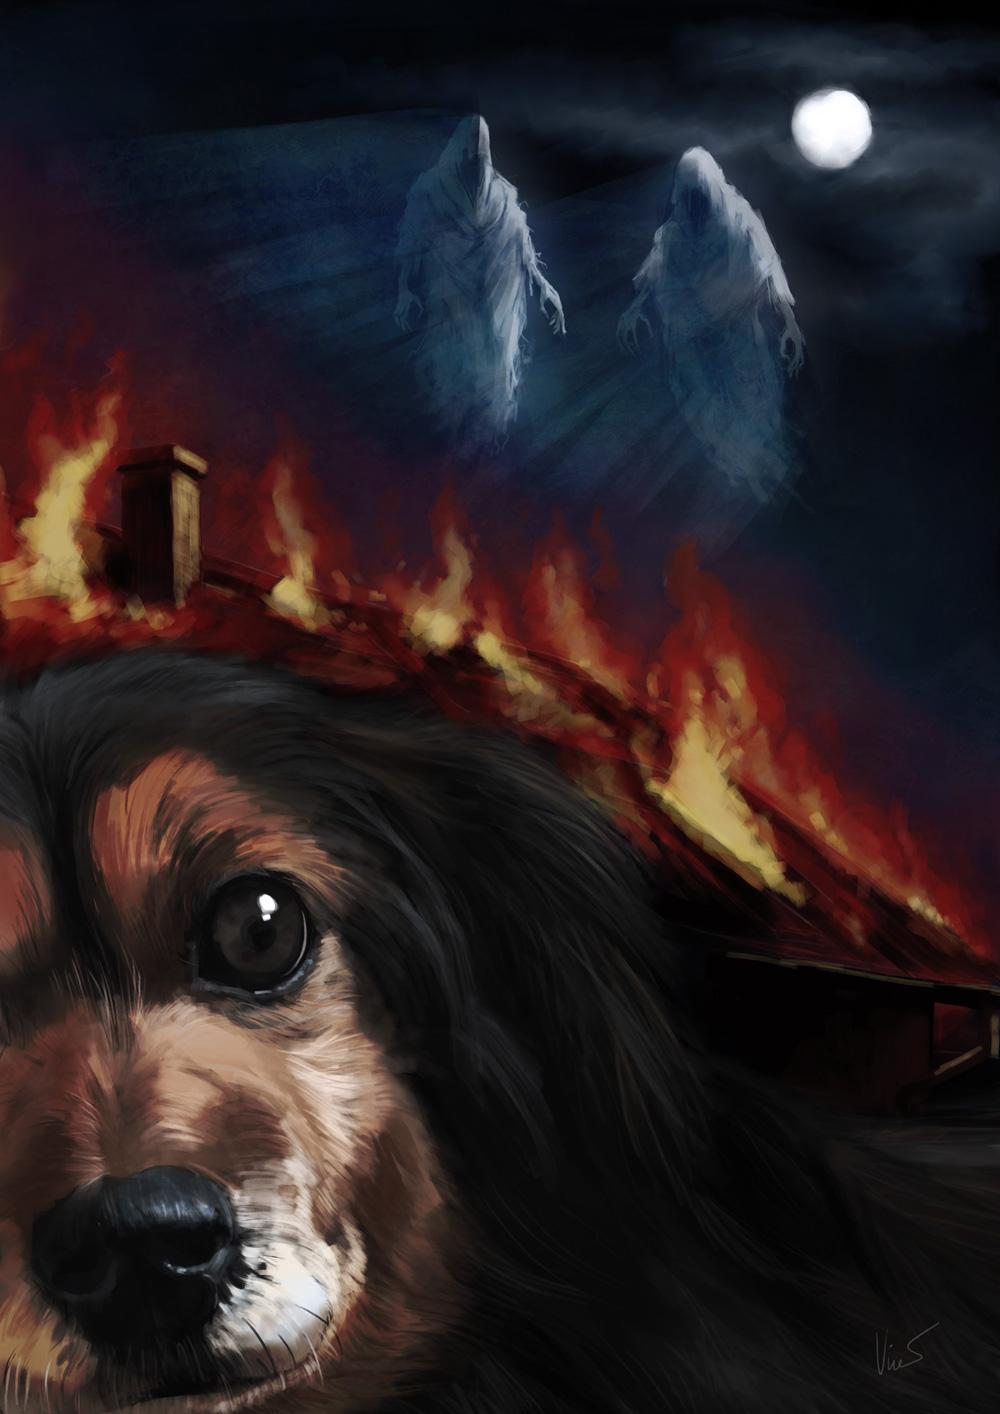 Ilustrace k hororové povídce - Vrtochy starého psa